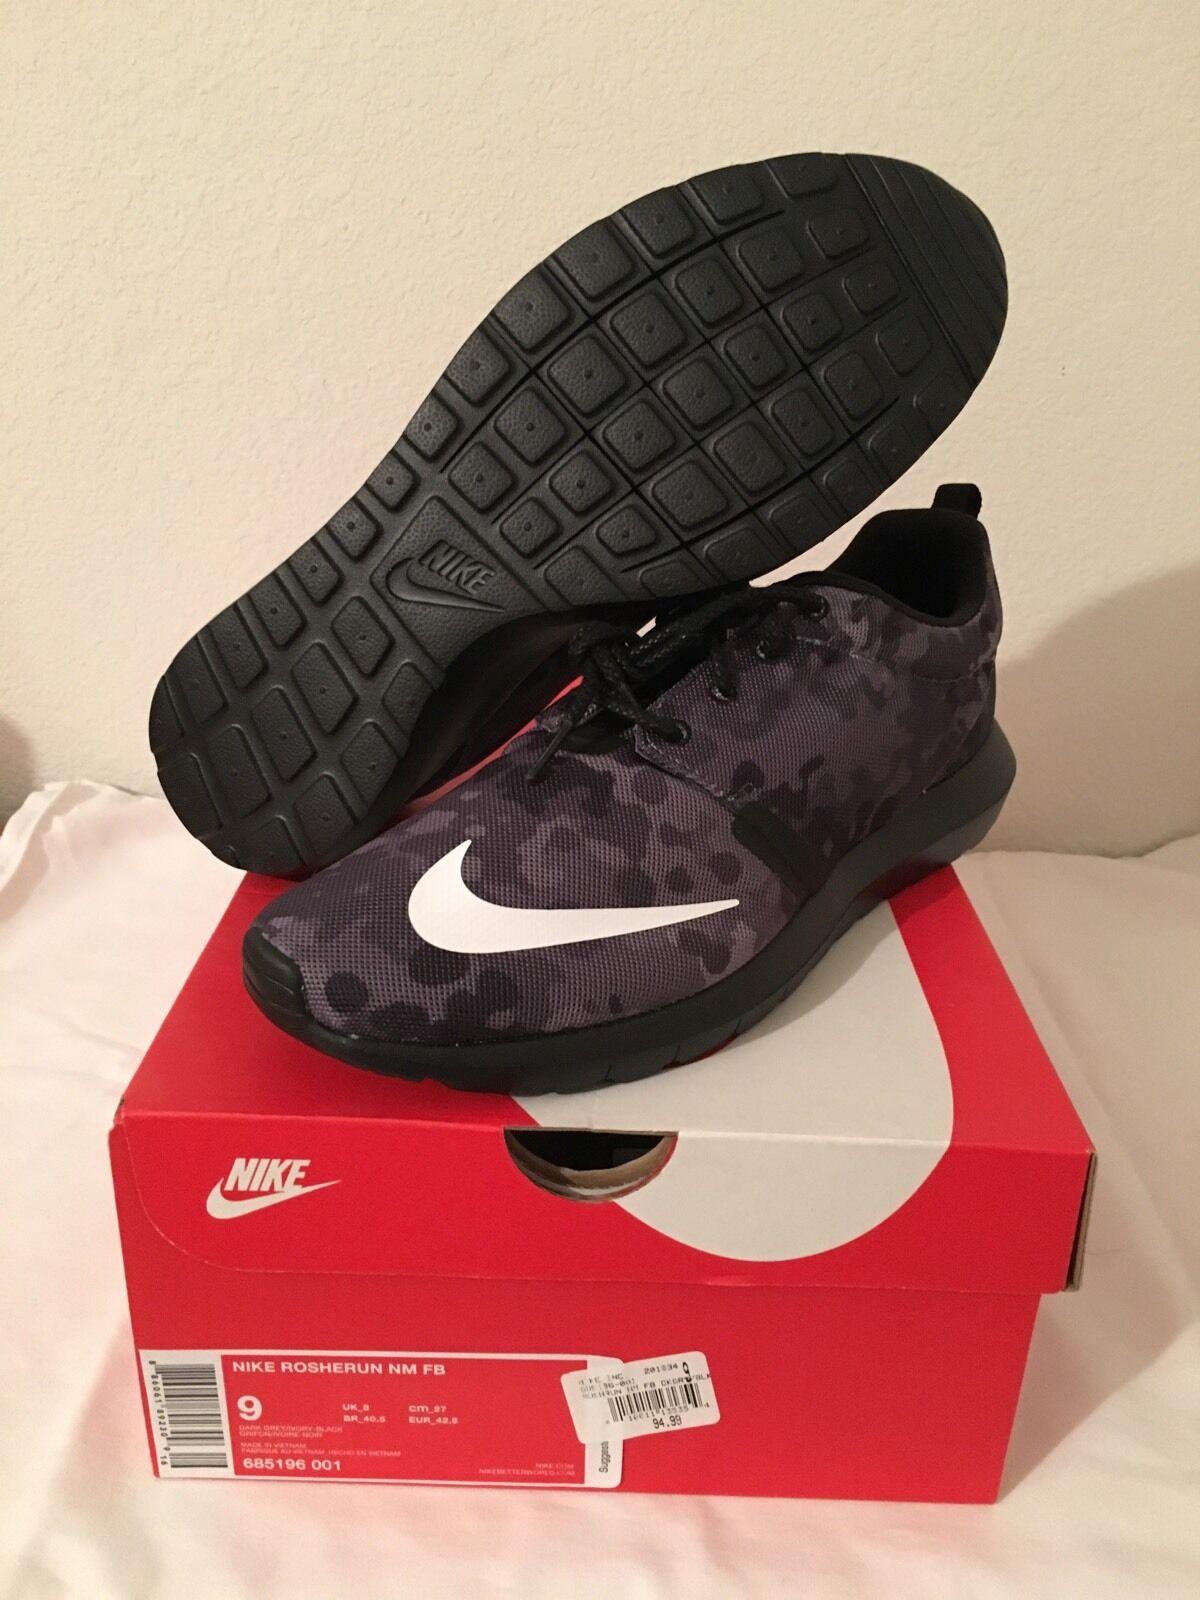 Men's Size Nike Rosherun NM FB Size Men's 8.5 685196 001 e5289d